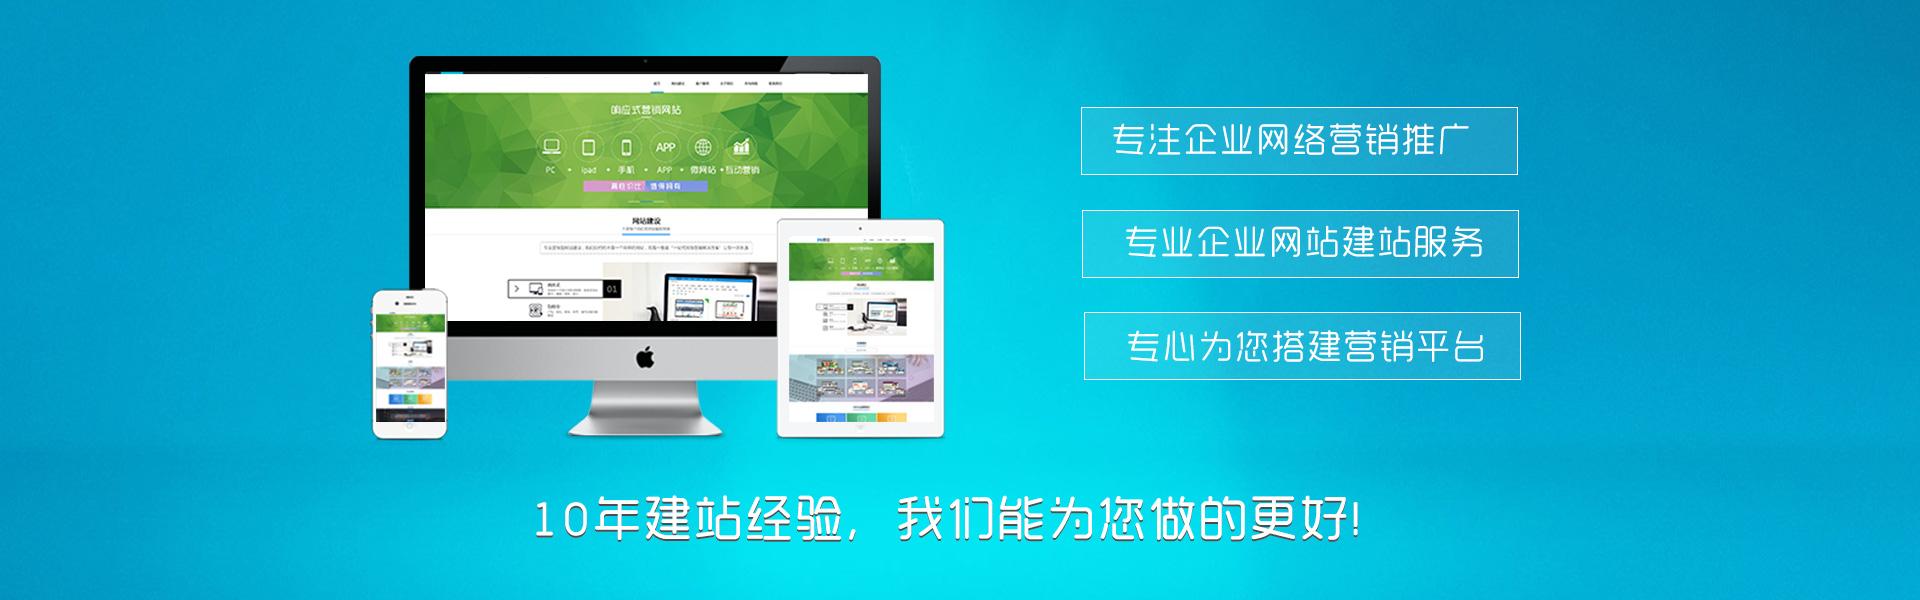 启搜网络_专注企业网络营销服务!